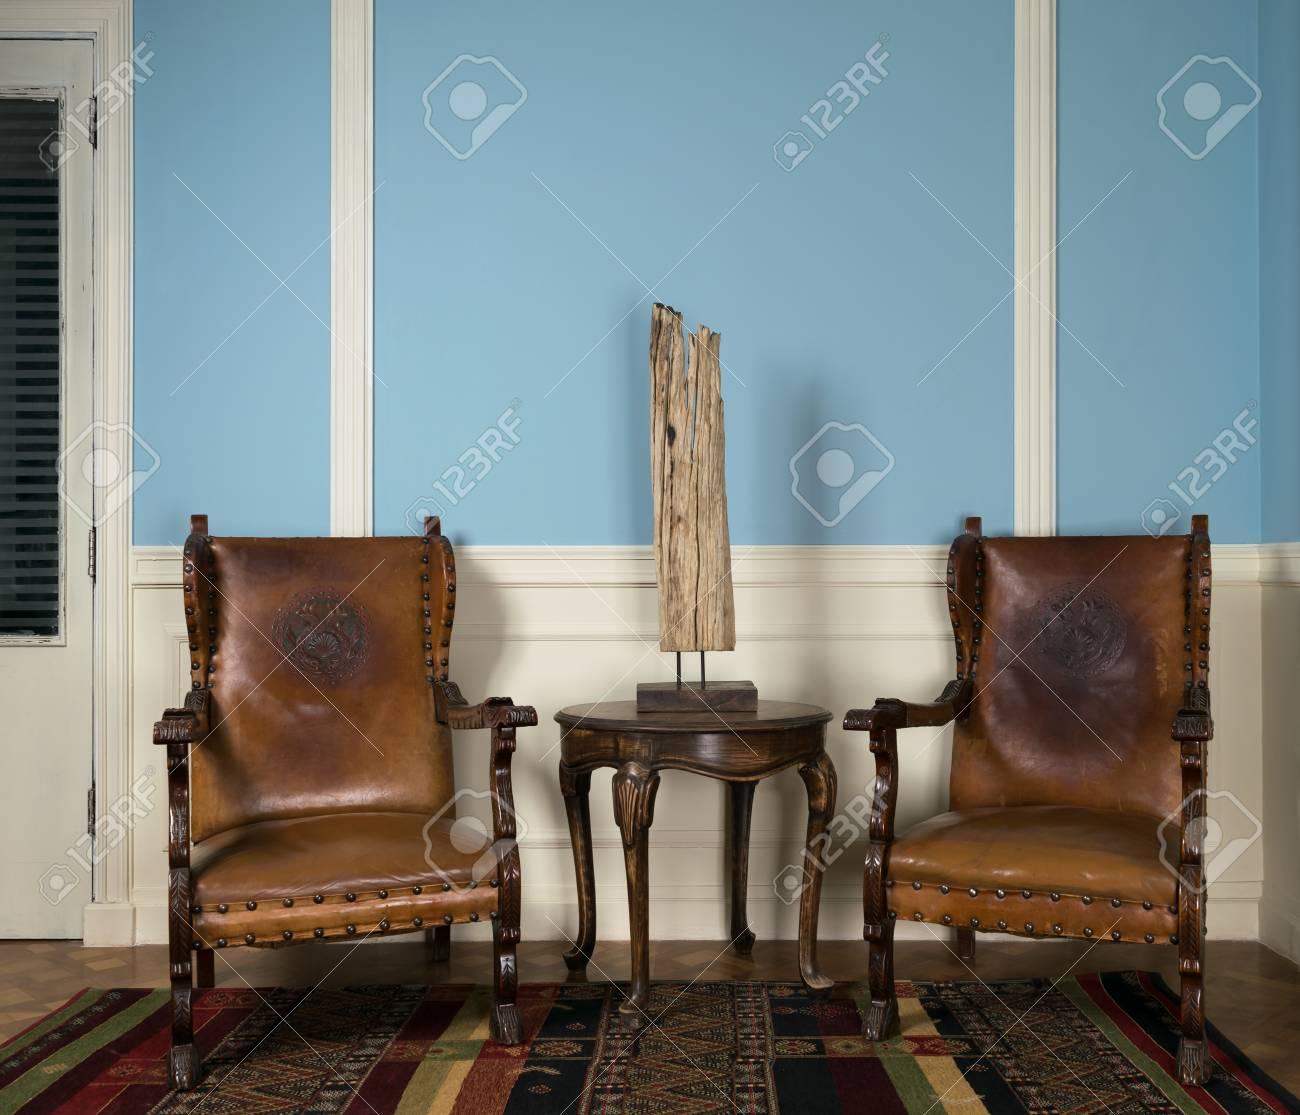 Composition De Deux Fauteuils Retro En Bois Et Lampe De Table Sur Une Petite Table Basse Ronde Sur Un Tapis Colore Orne